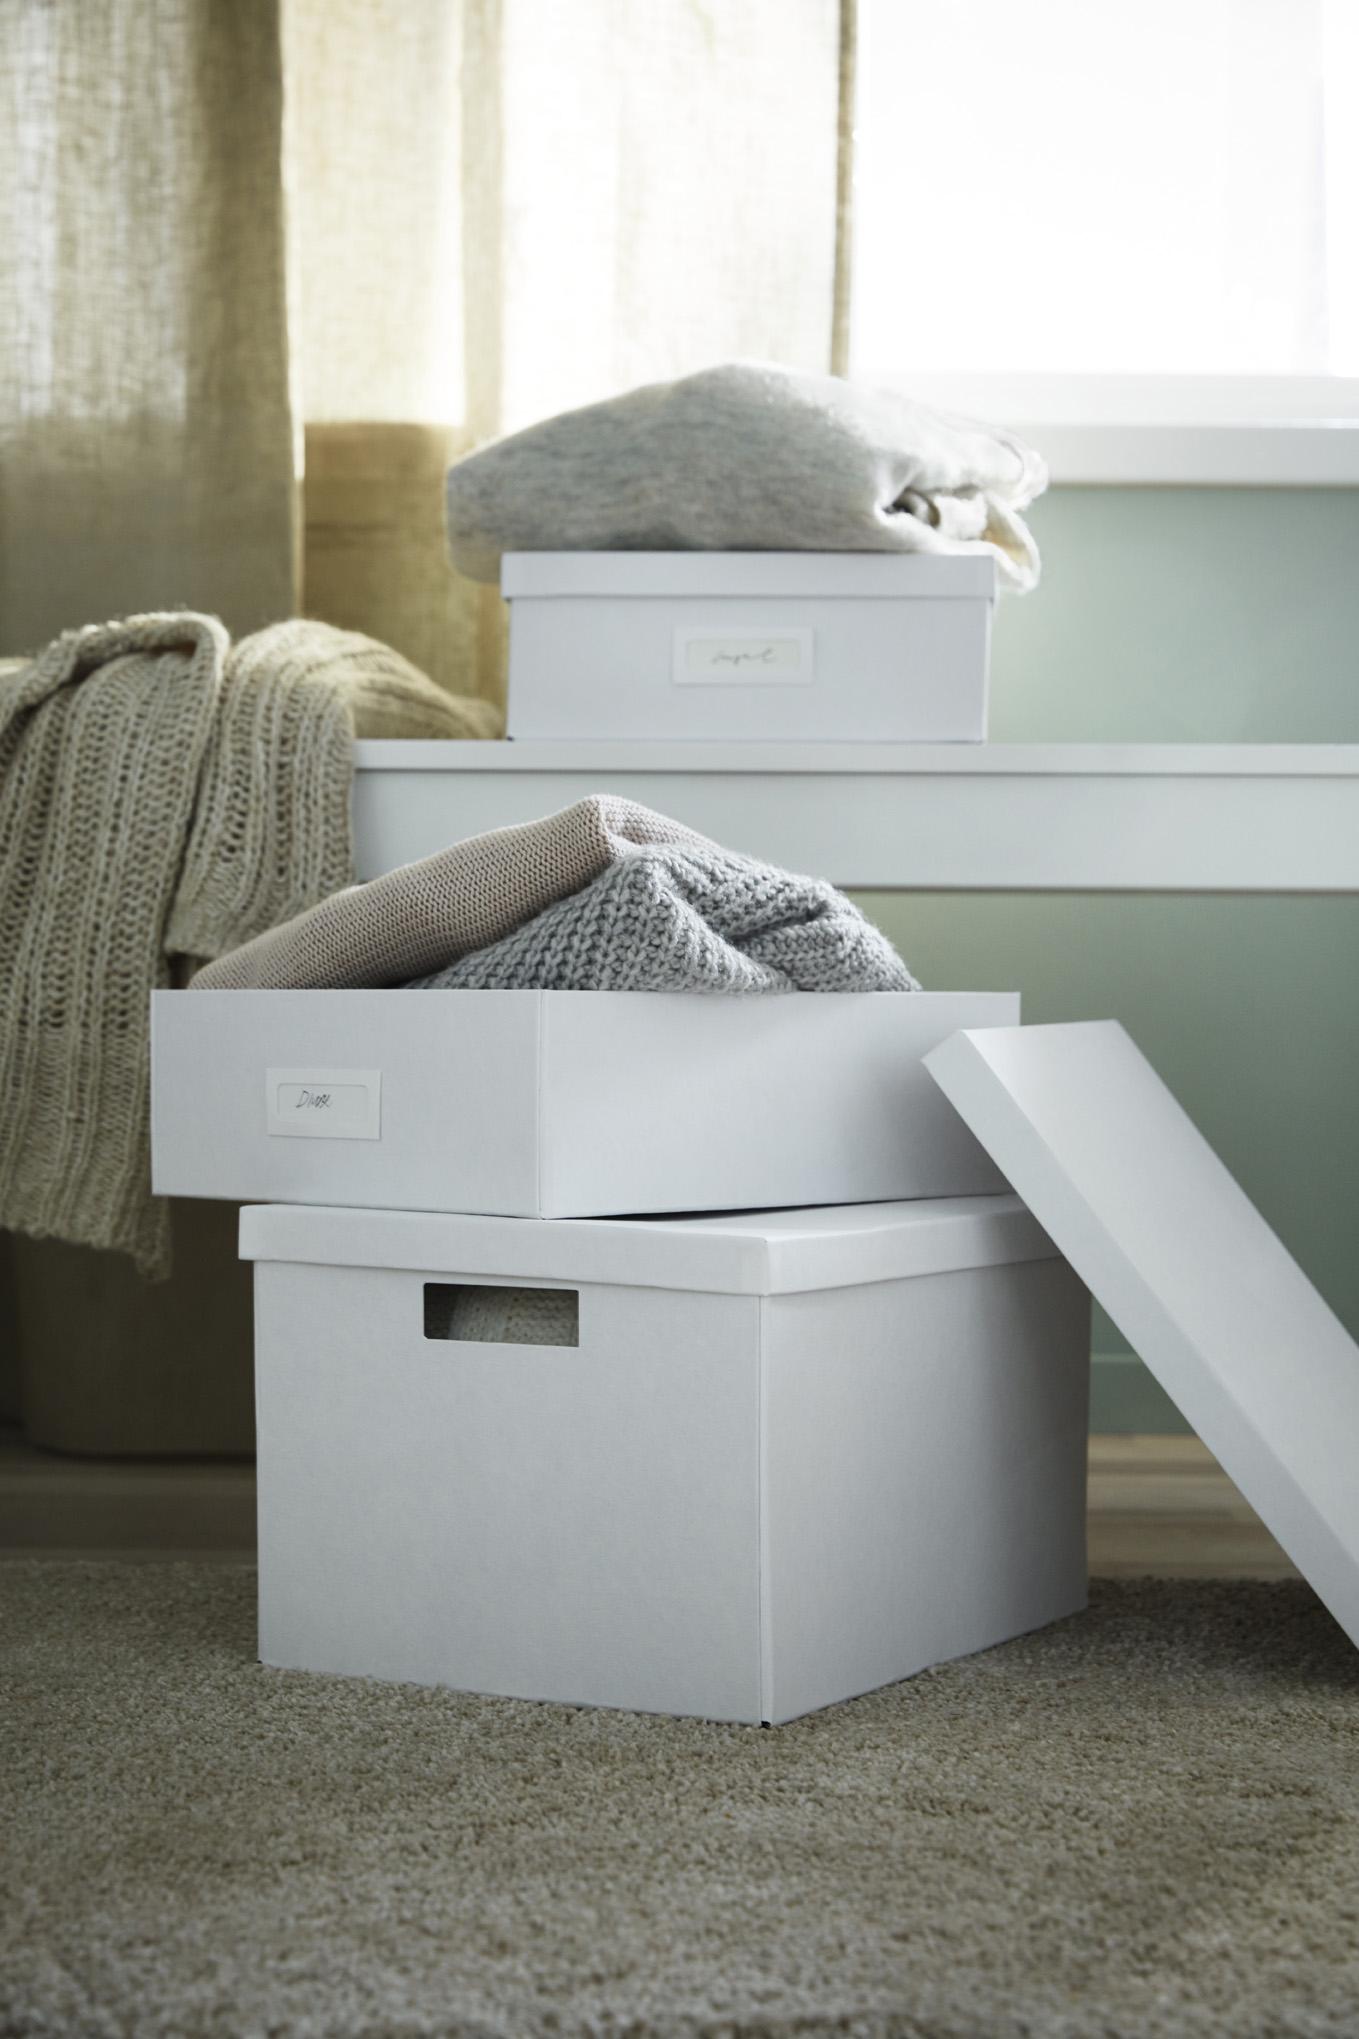 Muebles lavabo ikea obtenga ideas dise o de muebles para for Muebles tifon sueca